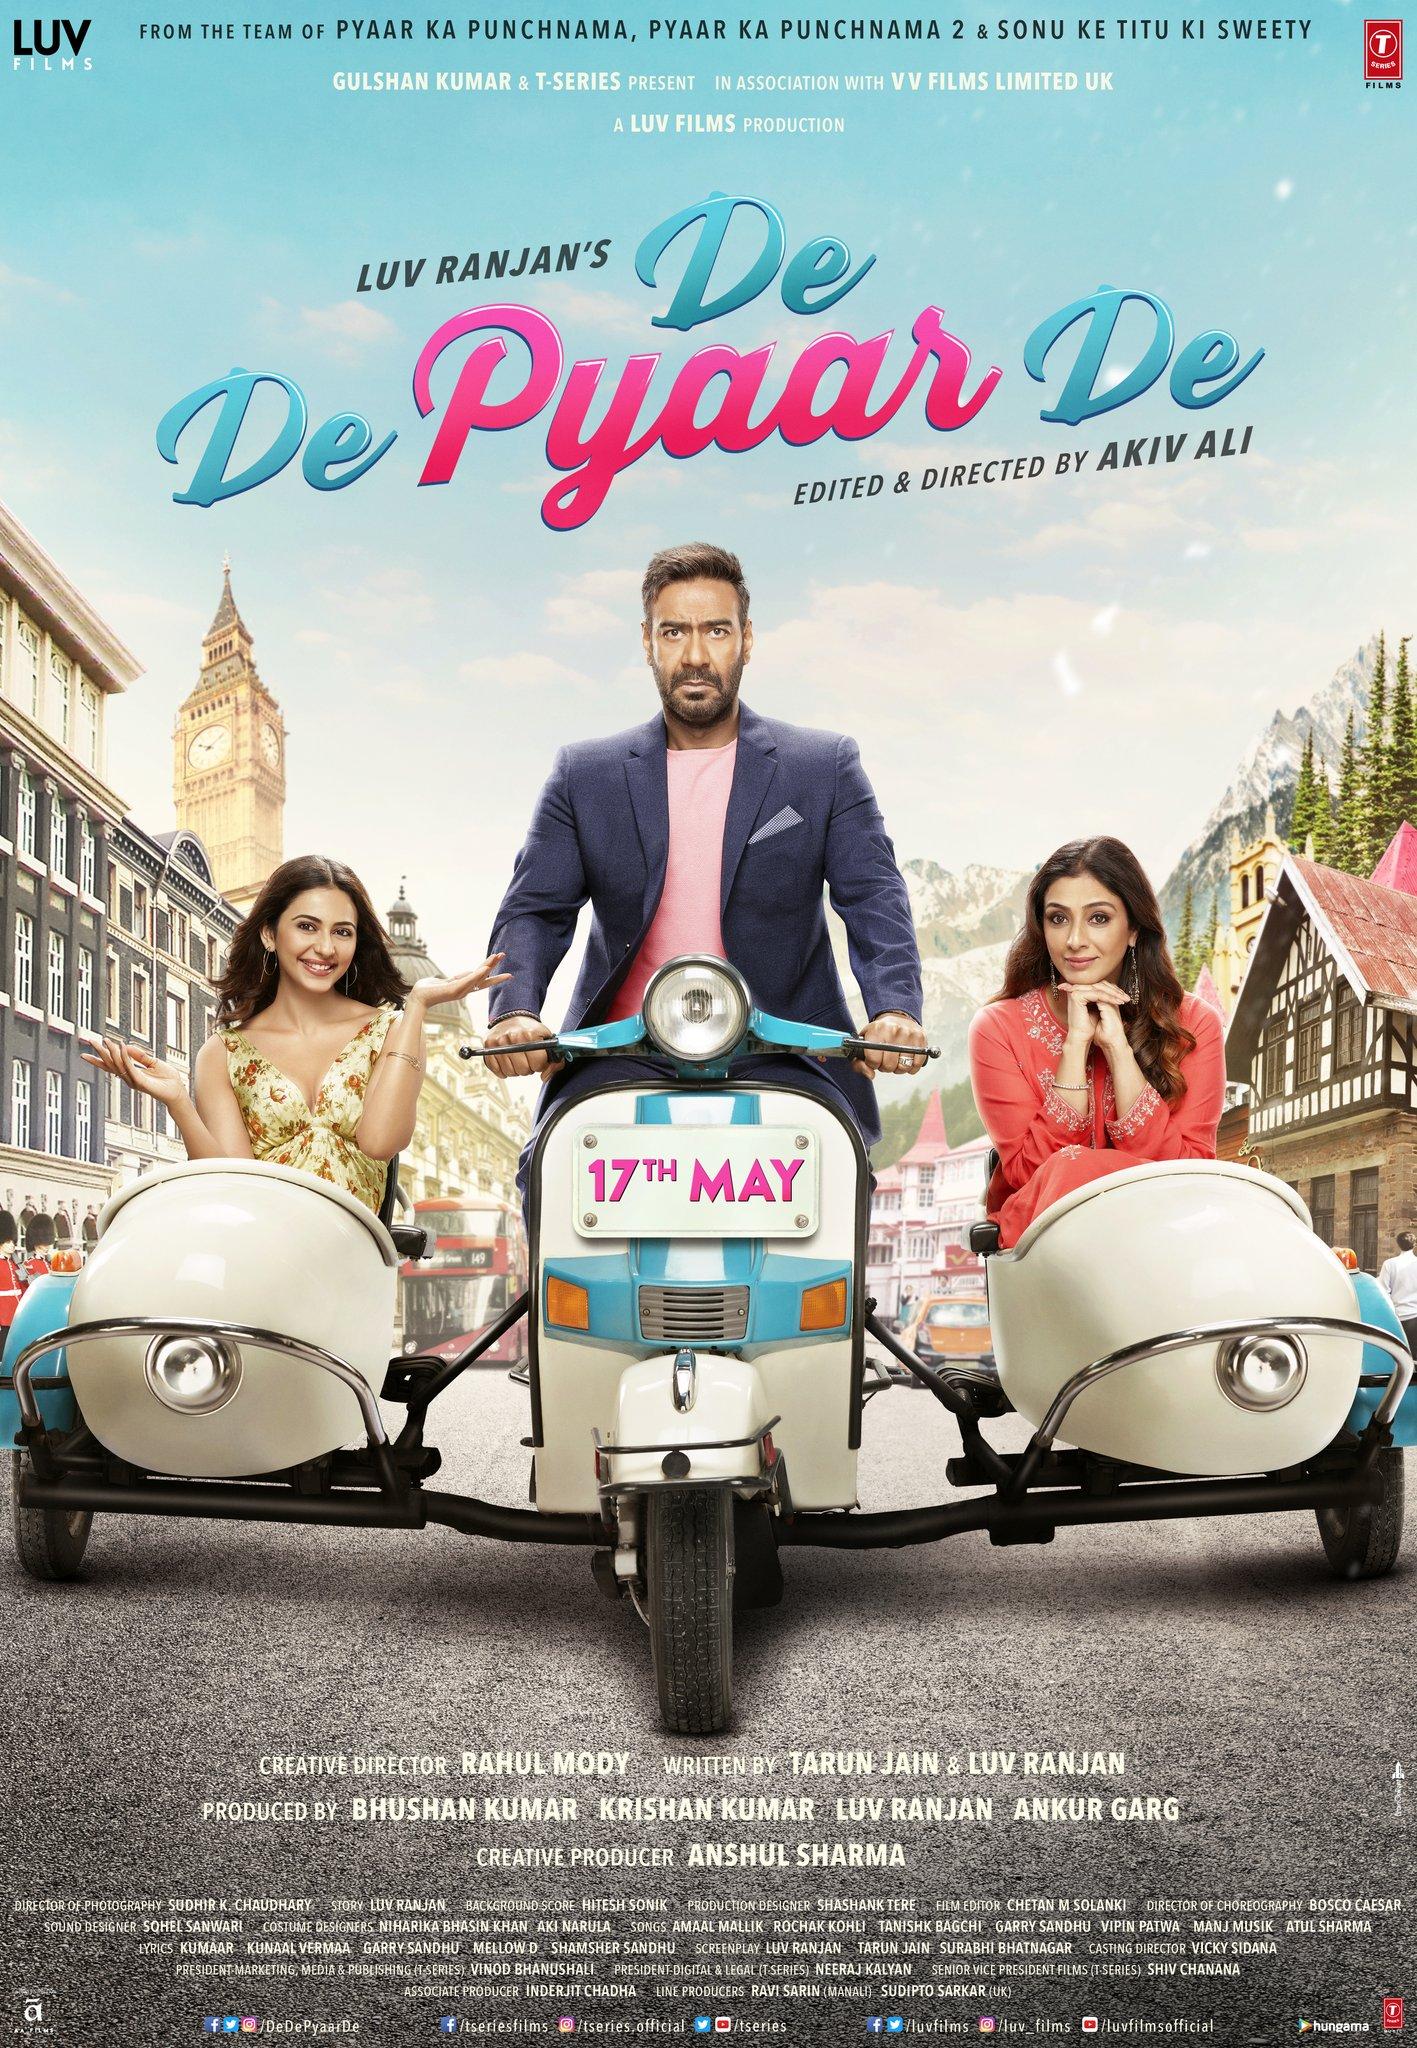 De De Pyaar De Poster , HD Wallpaper & Backgrounds